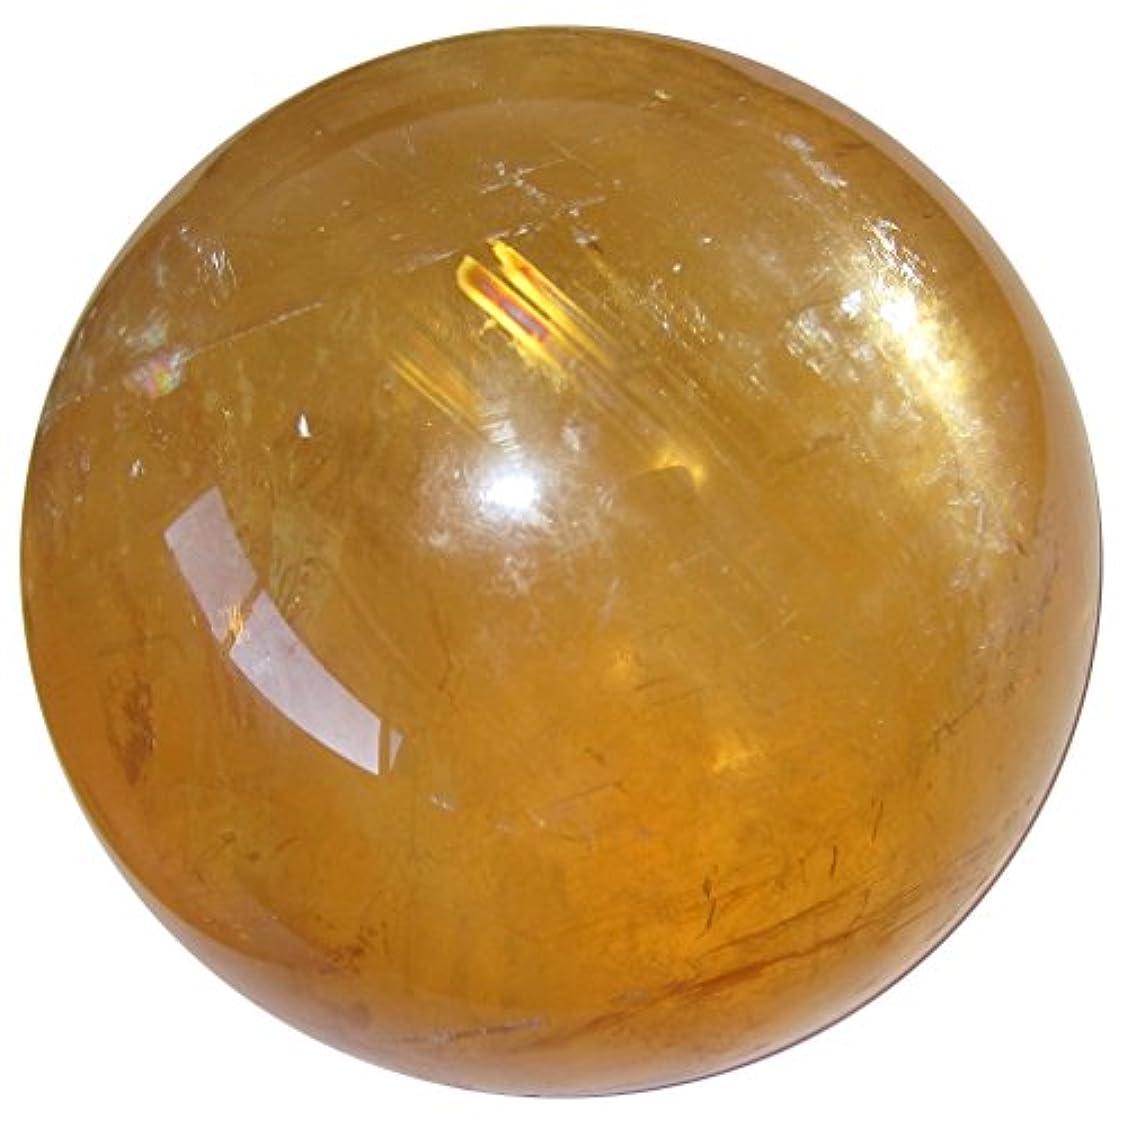 テレビを見るブースト例示するsatincrystals Calciteオレンジボール3.2